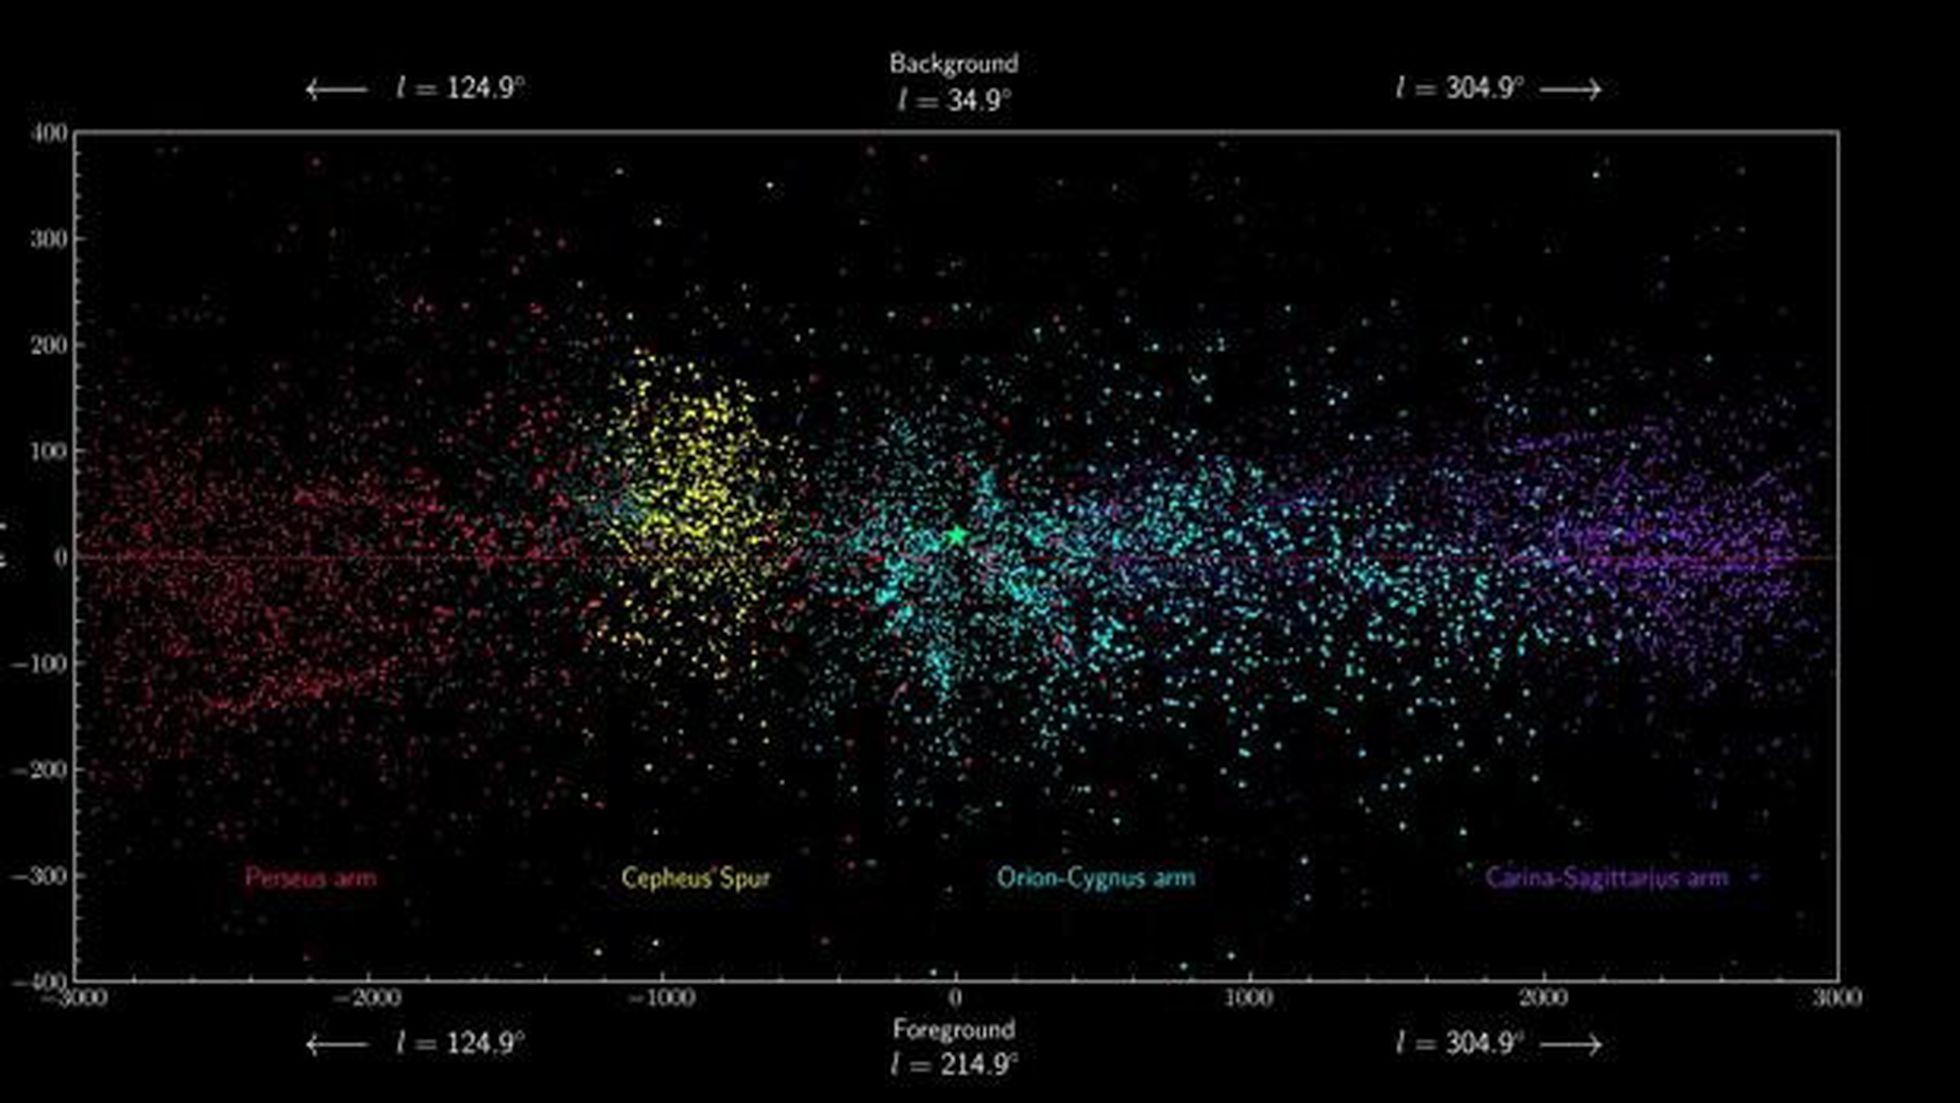 Espolón de Cefeo: científicos españoles descubren una nueva región en nuestra galaxia